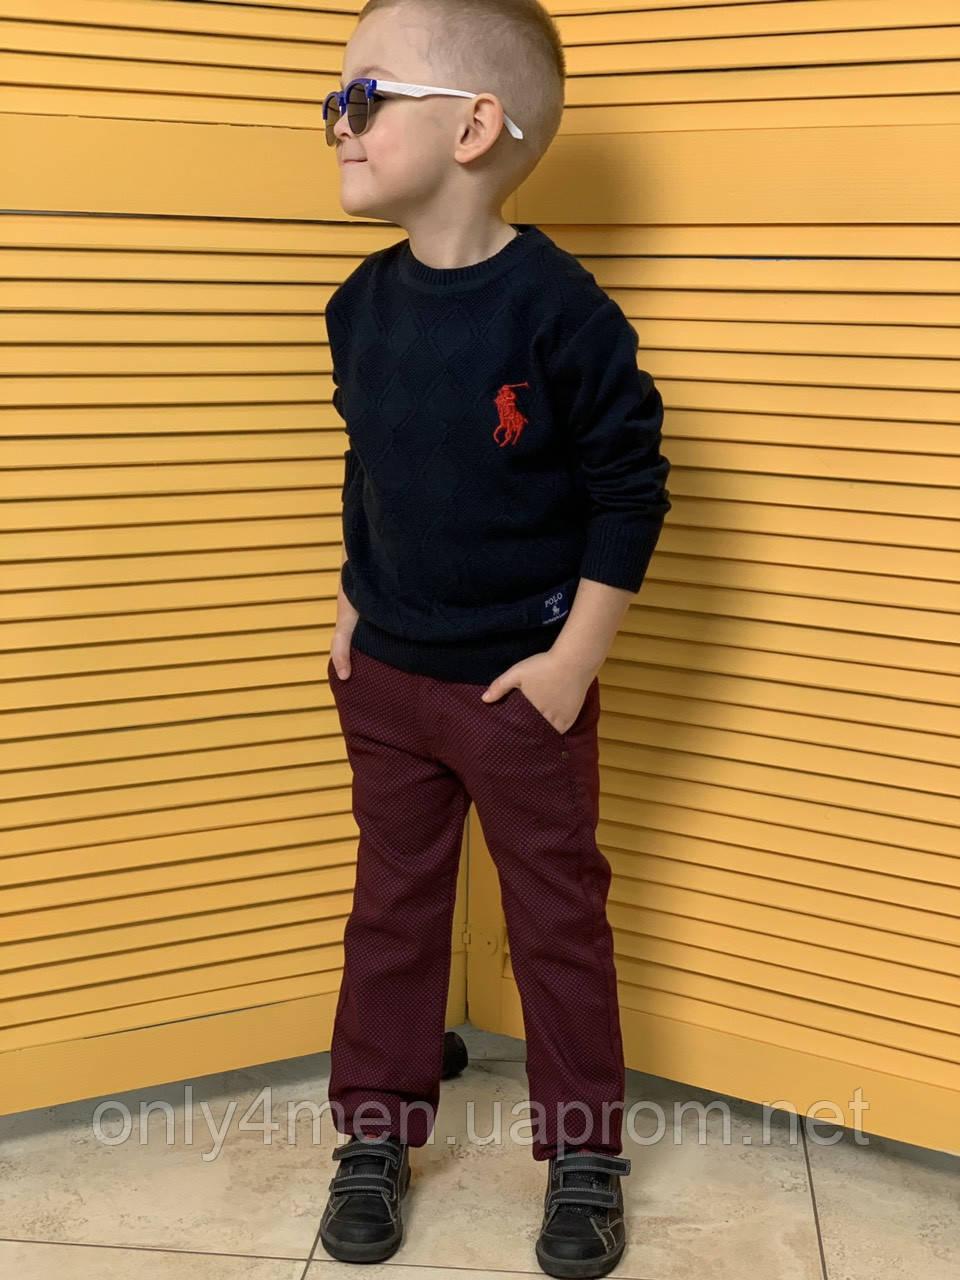 Дитячі штани для хлопчиків 98-104